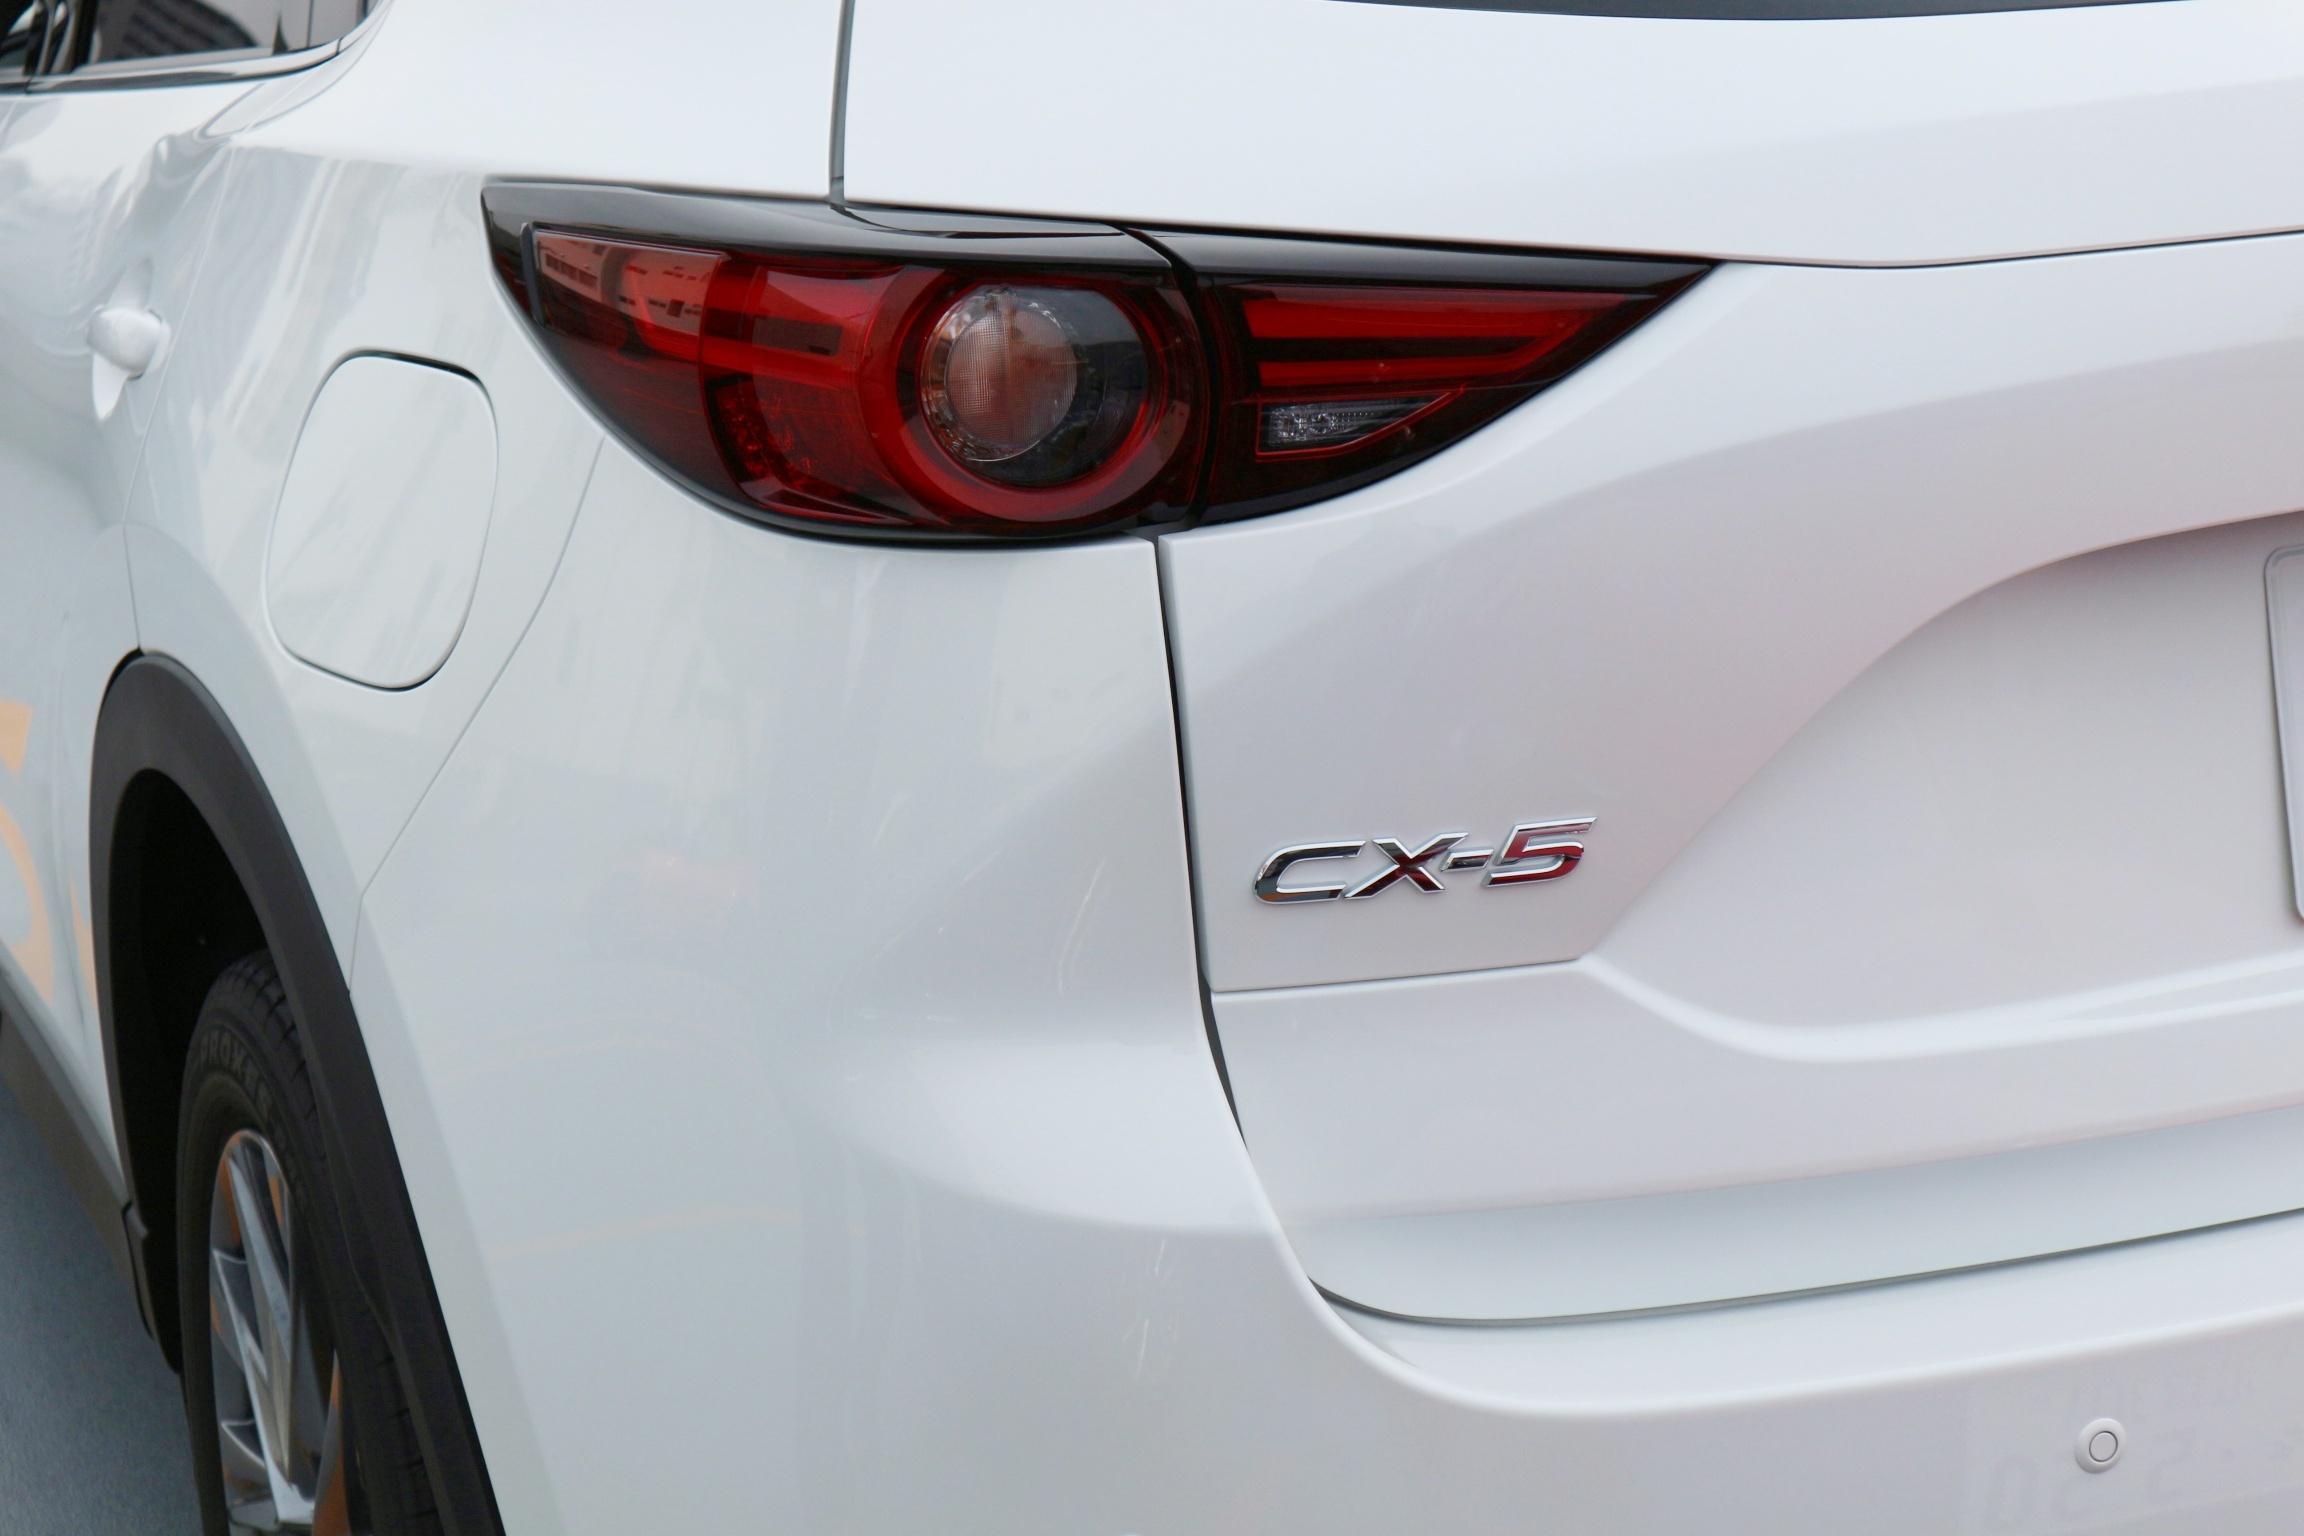 CX534.jpeg